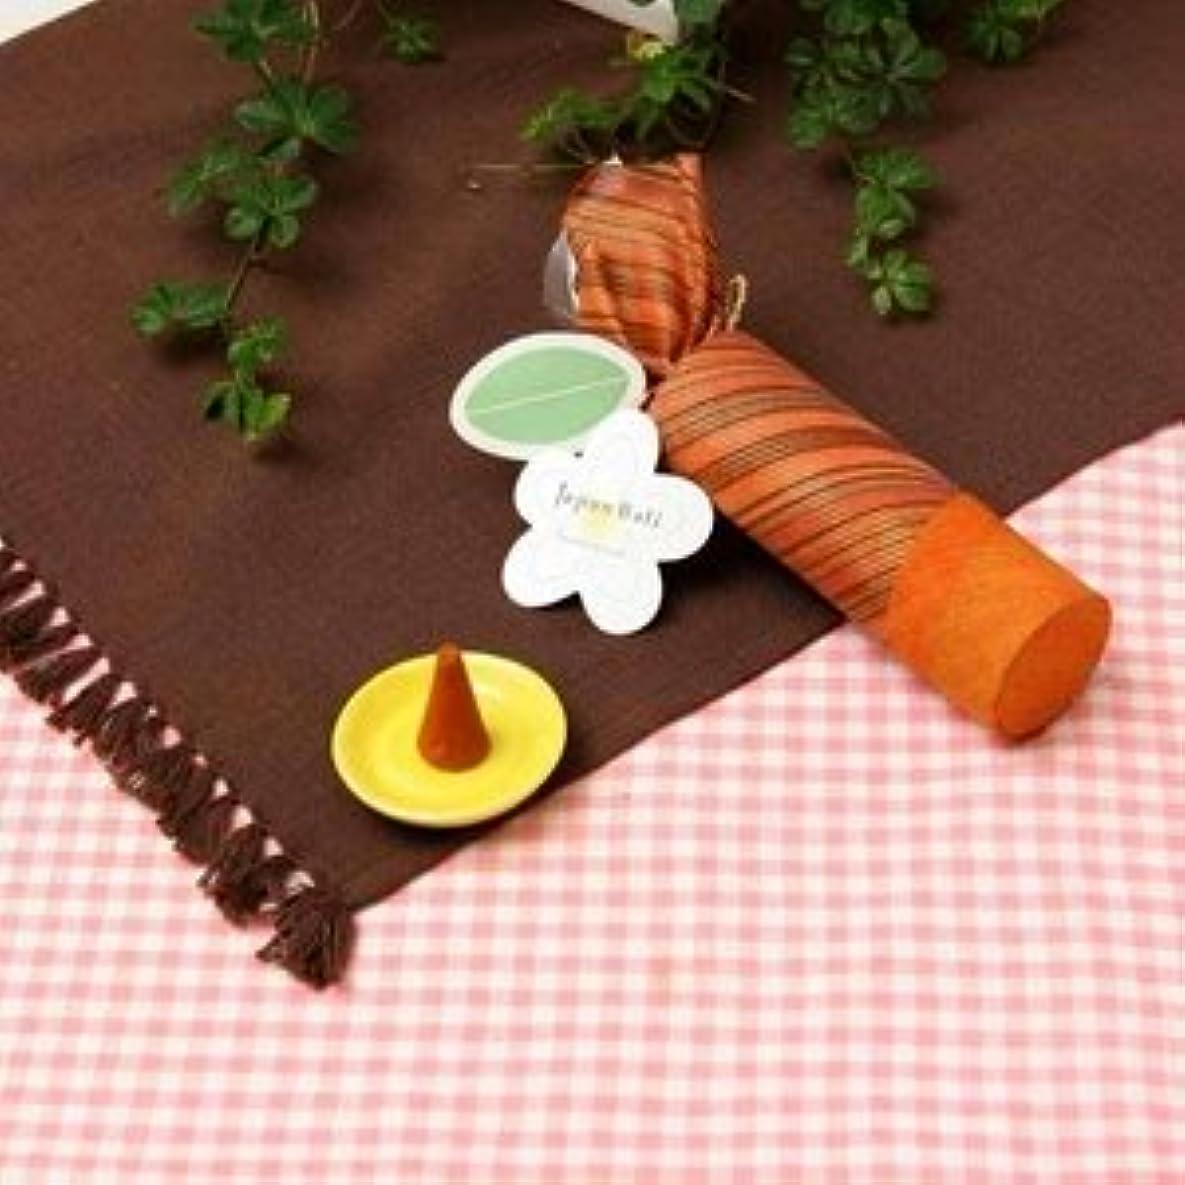 予定定義するプラスチックお香/インセンス 【サンダルウッドの香り コーンタイプ10個入り】 バリ島製 「Jupen Bari/ジュプンバリ」